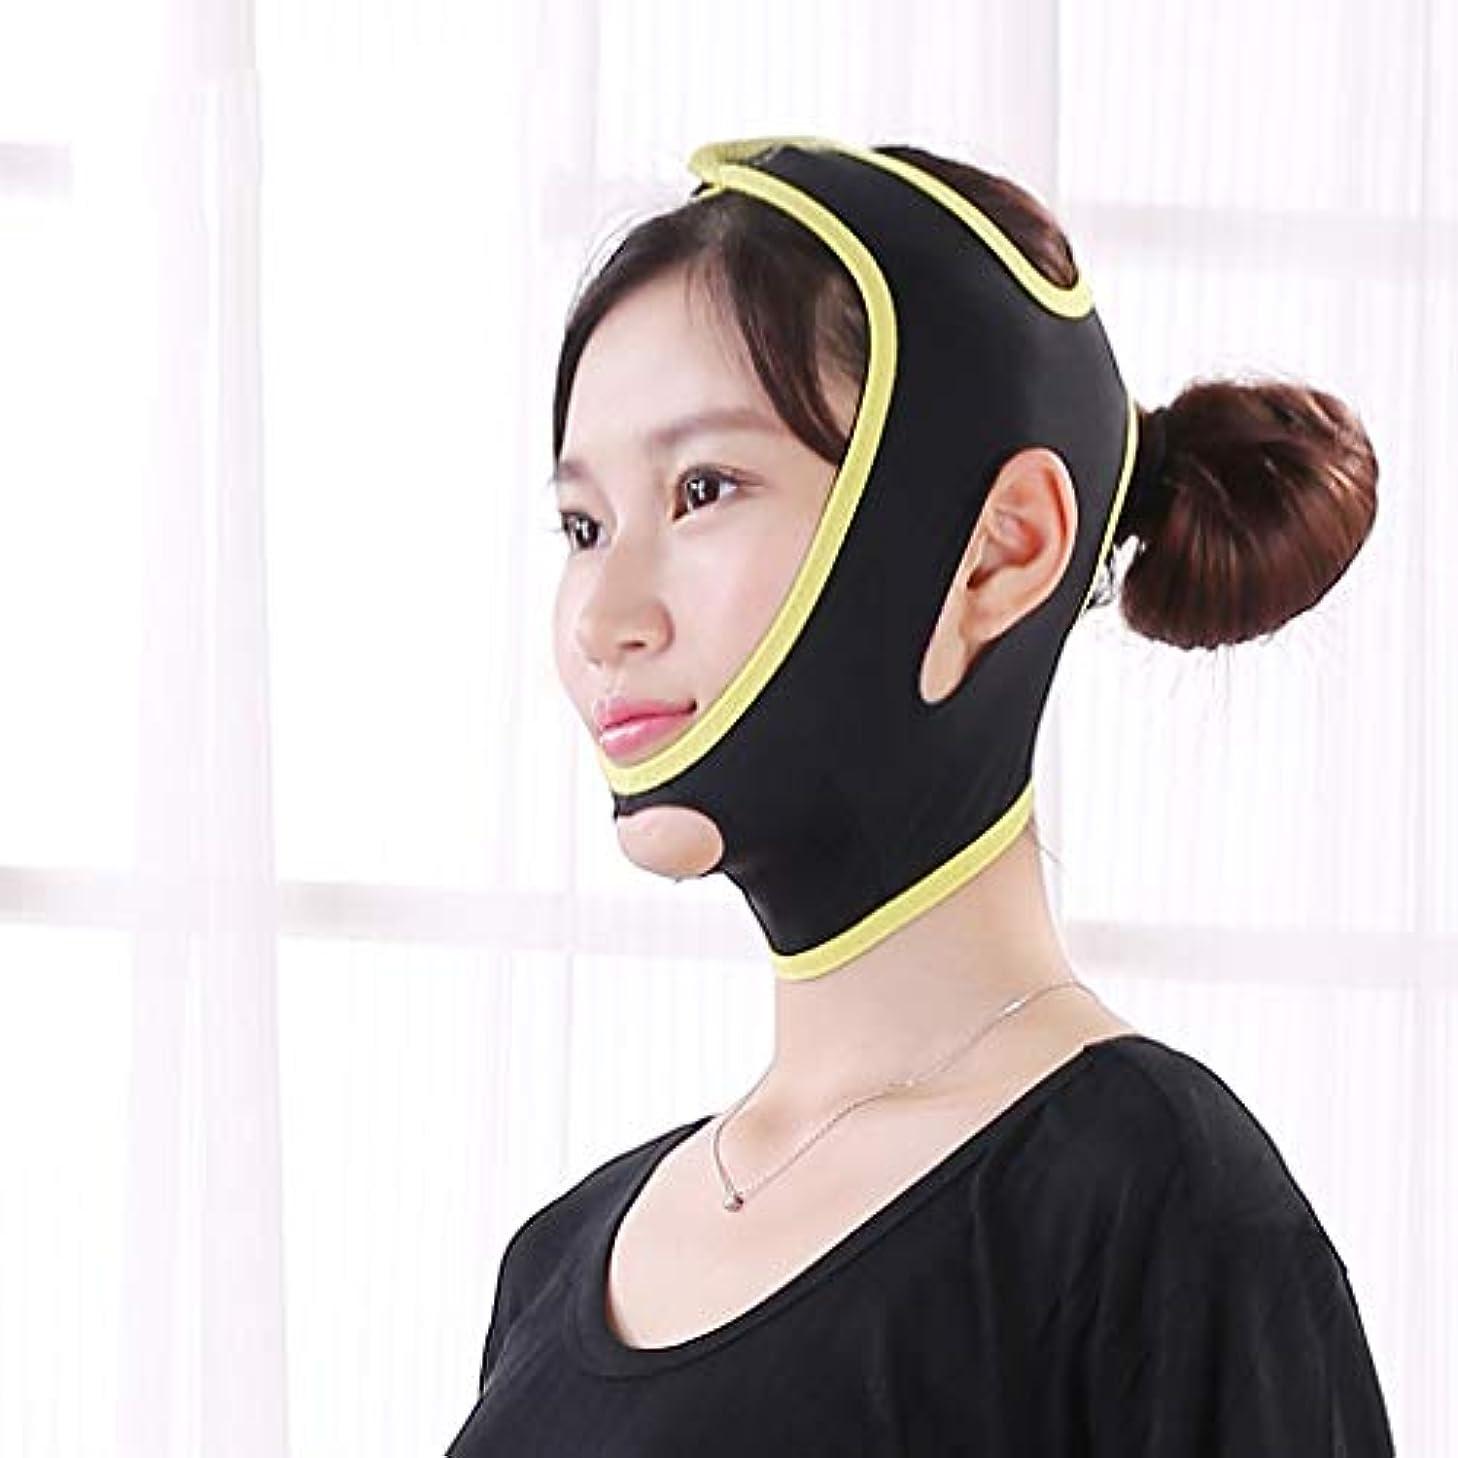 開示する福祉識字顔のバンデージVフェイスリフティングダブルチン小さな顔のシェイピングベルト薄いマテリアルマスク